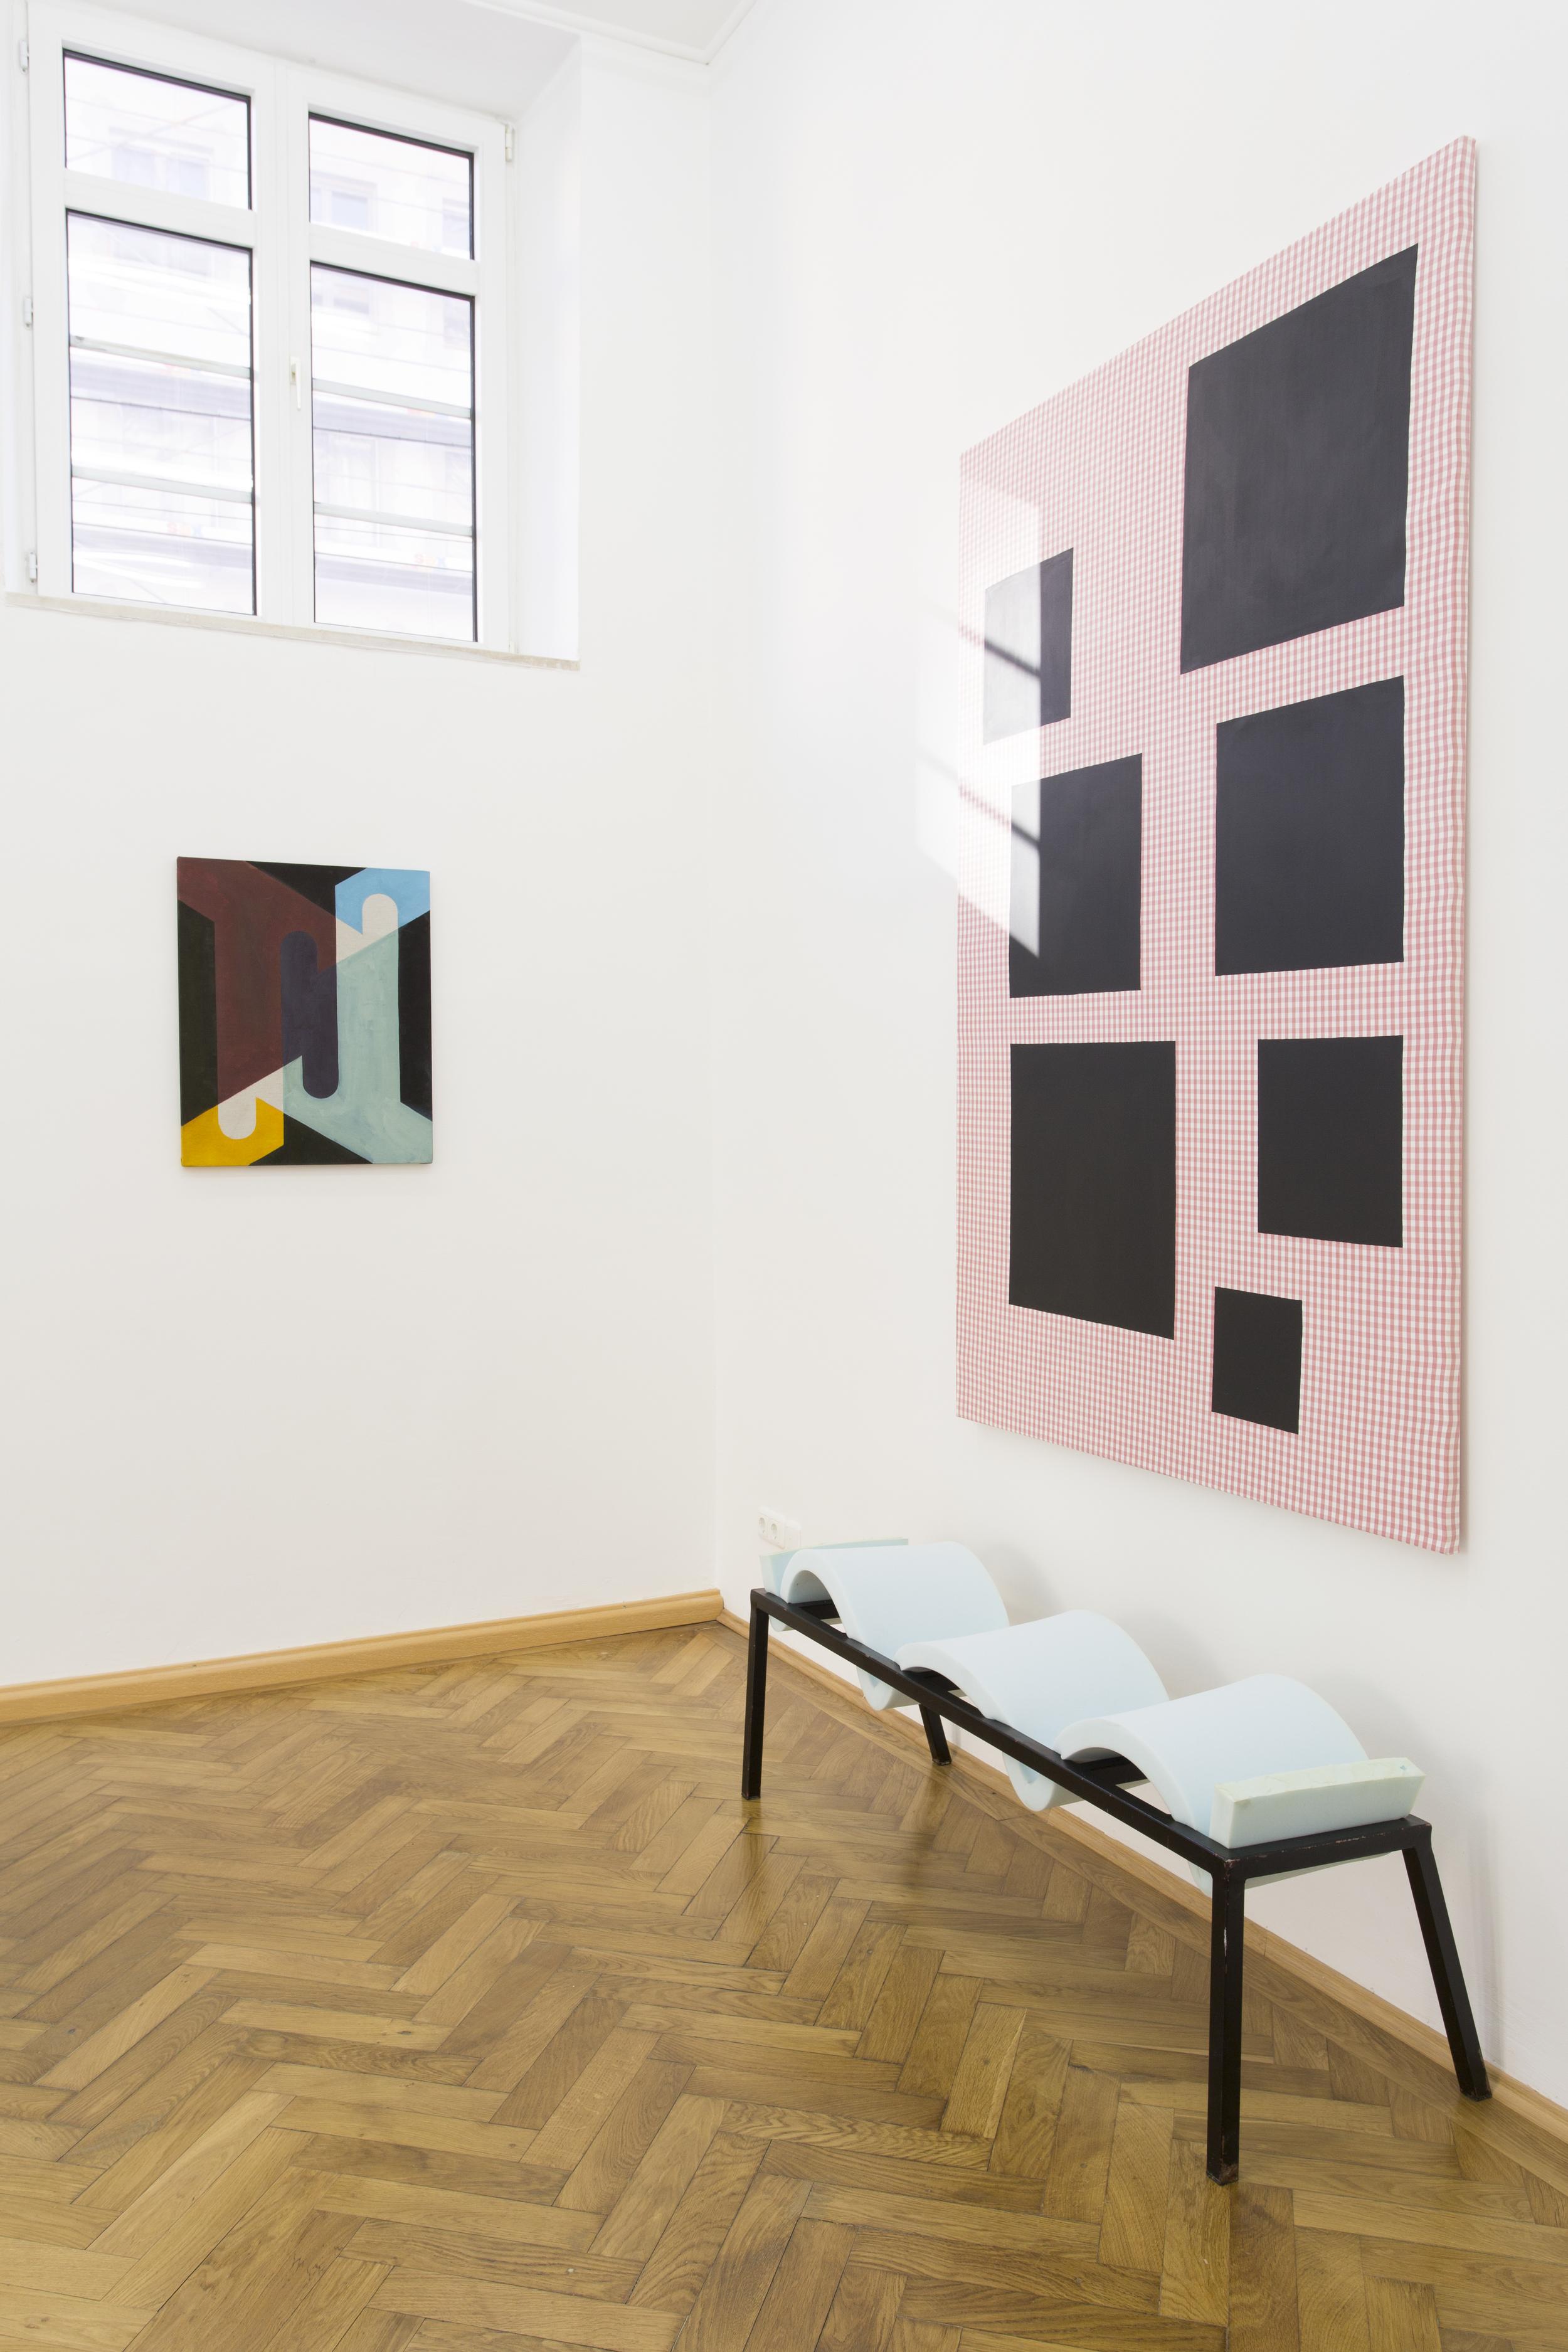 Elvire Bonduelle - waiting room #4 - installation view (Émile Vappereau, Nicholas Chardon, Elvire Bonduelle)